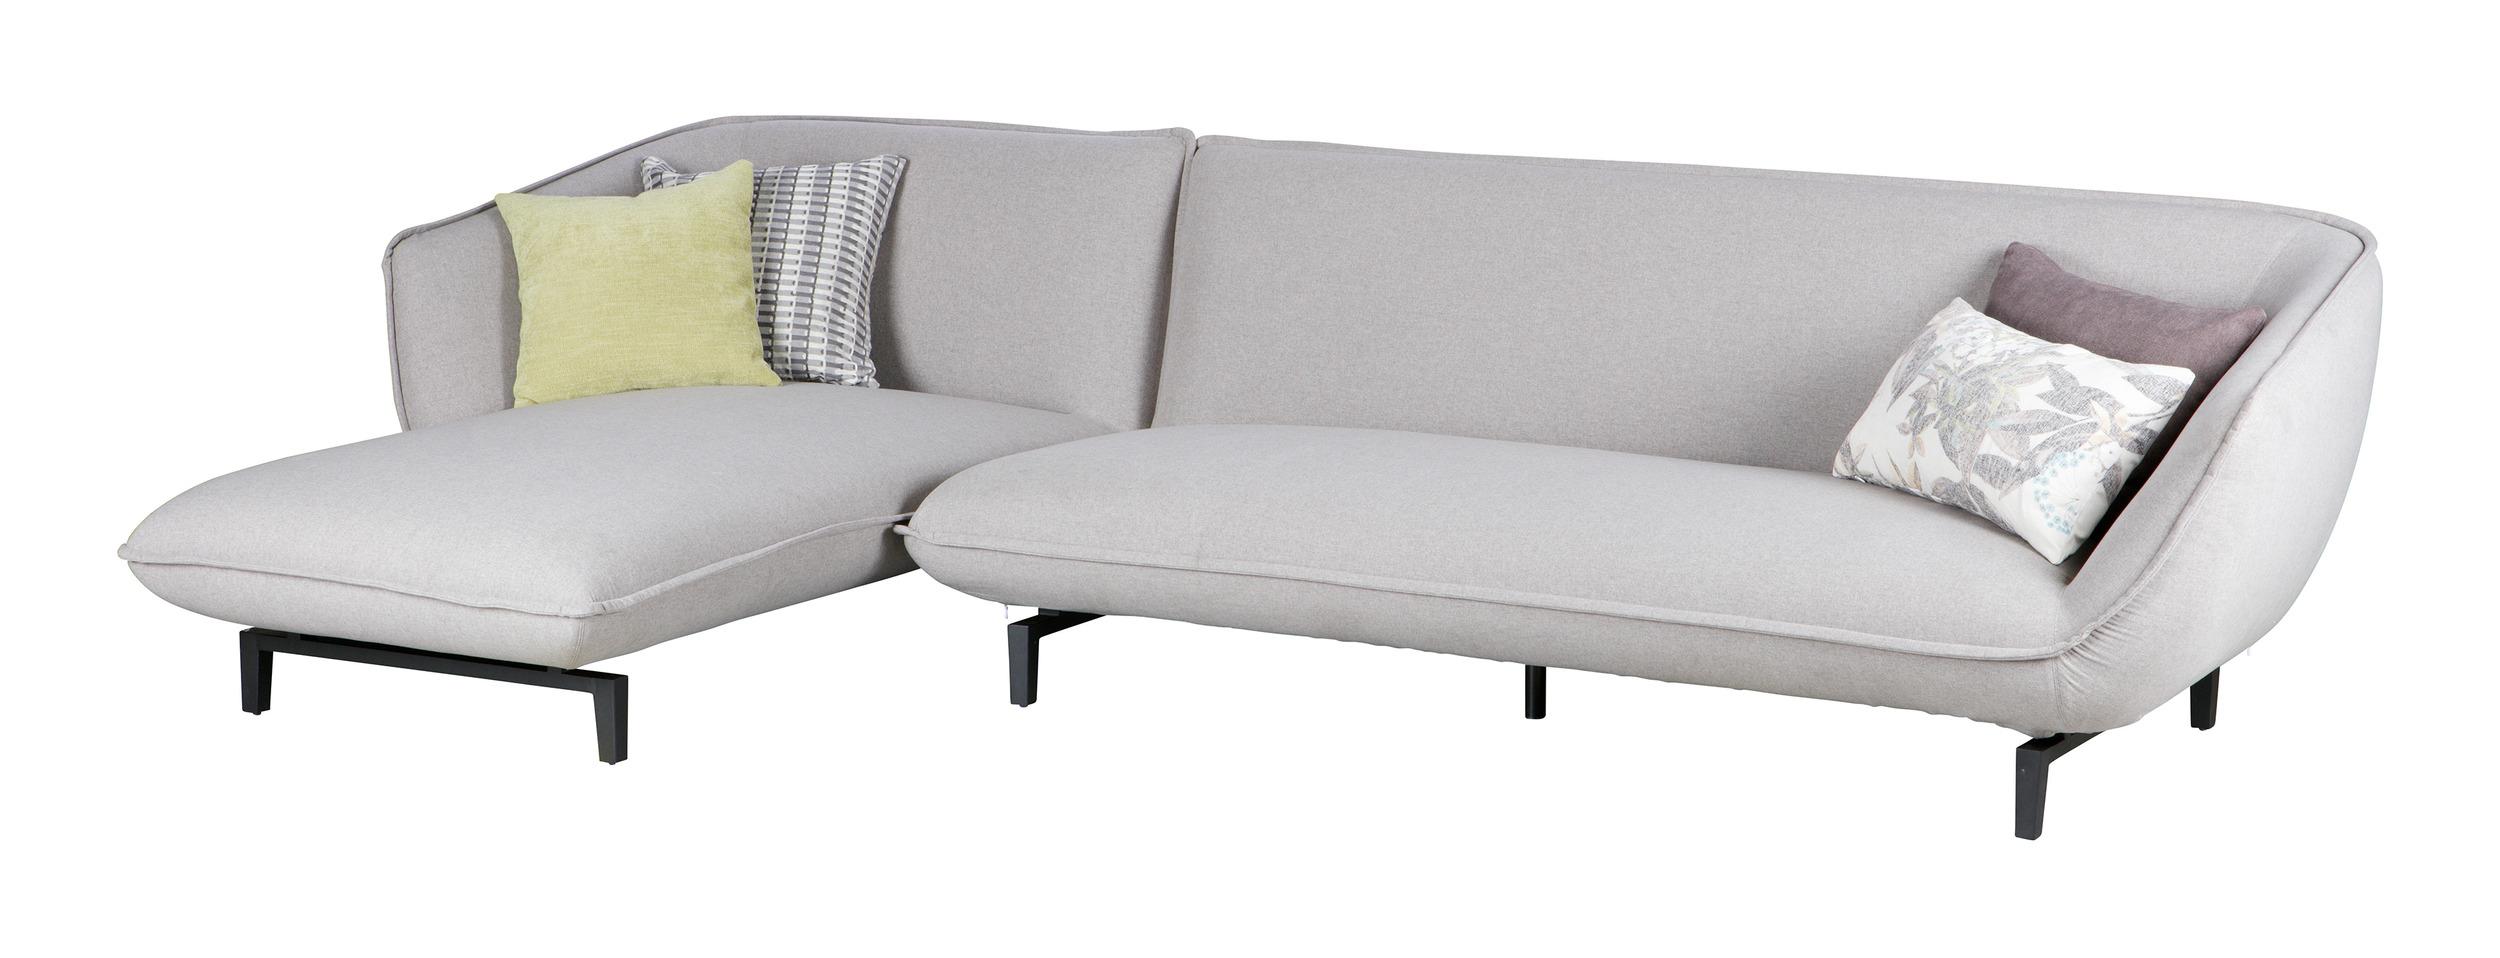 Woood 3-zitsbank 'Bow' met lounge links, kleur Lichtgrijs Zitmeubelen | Bankstellen kopen